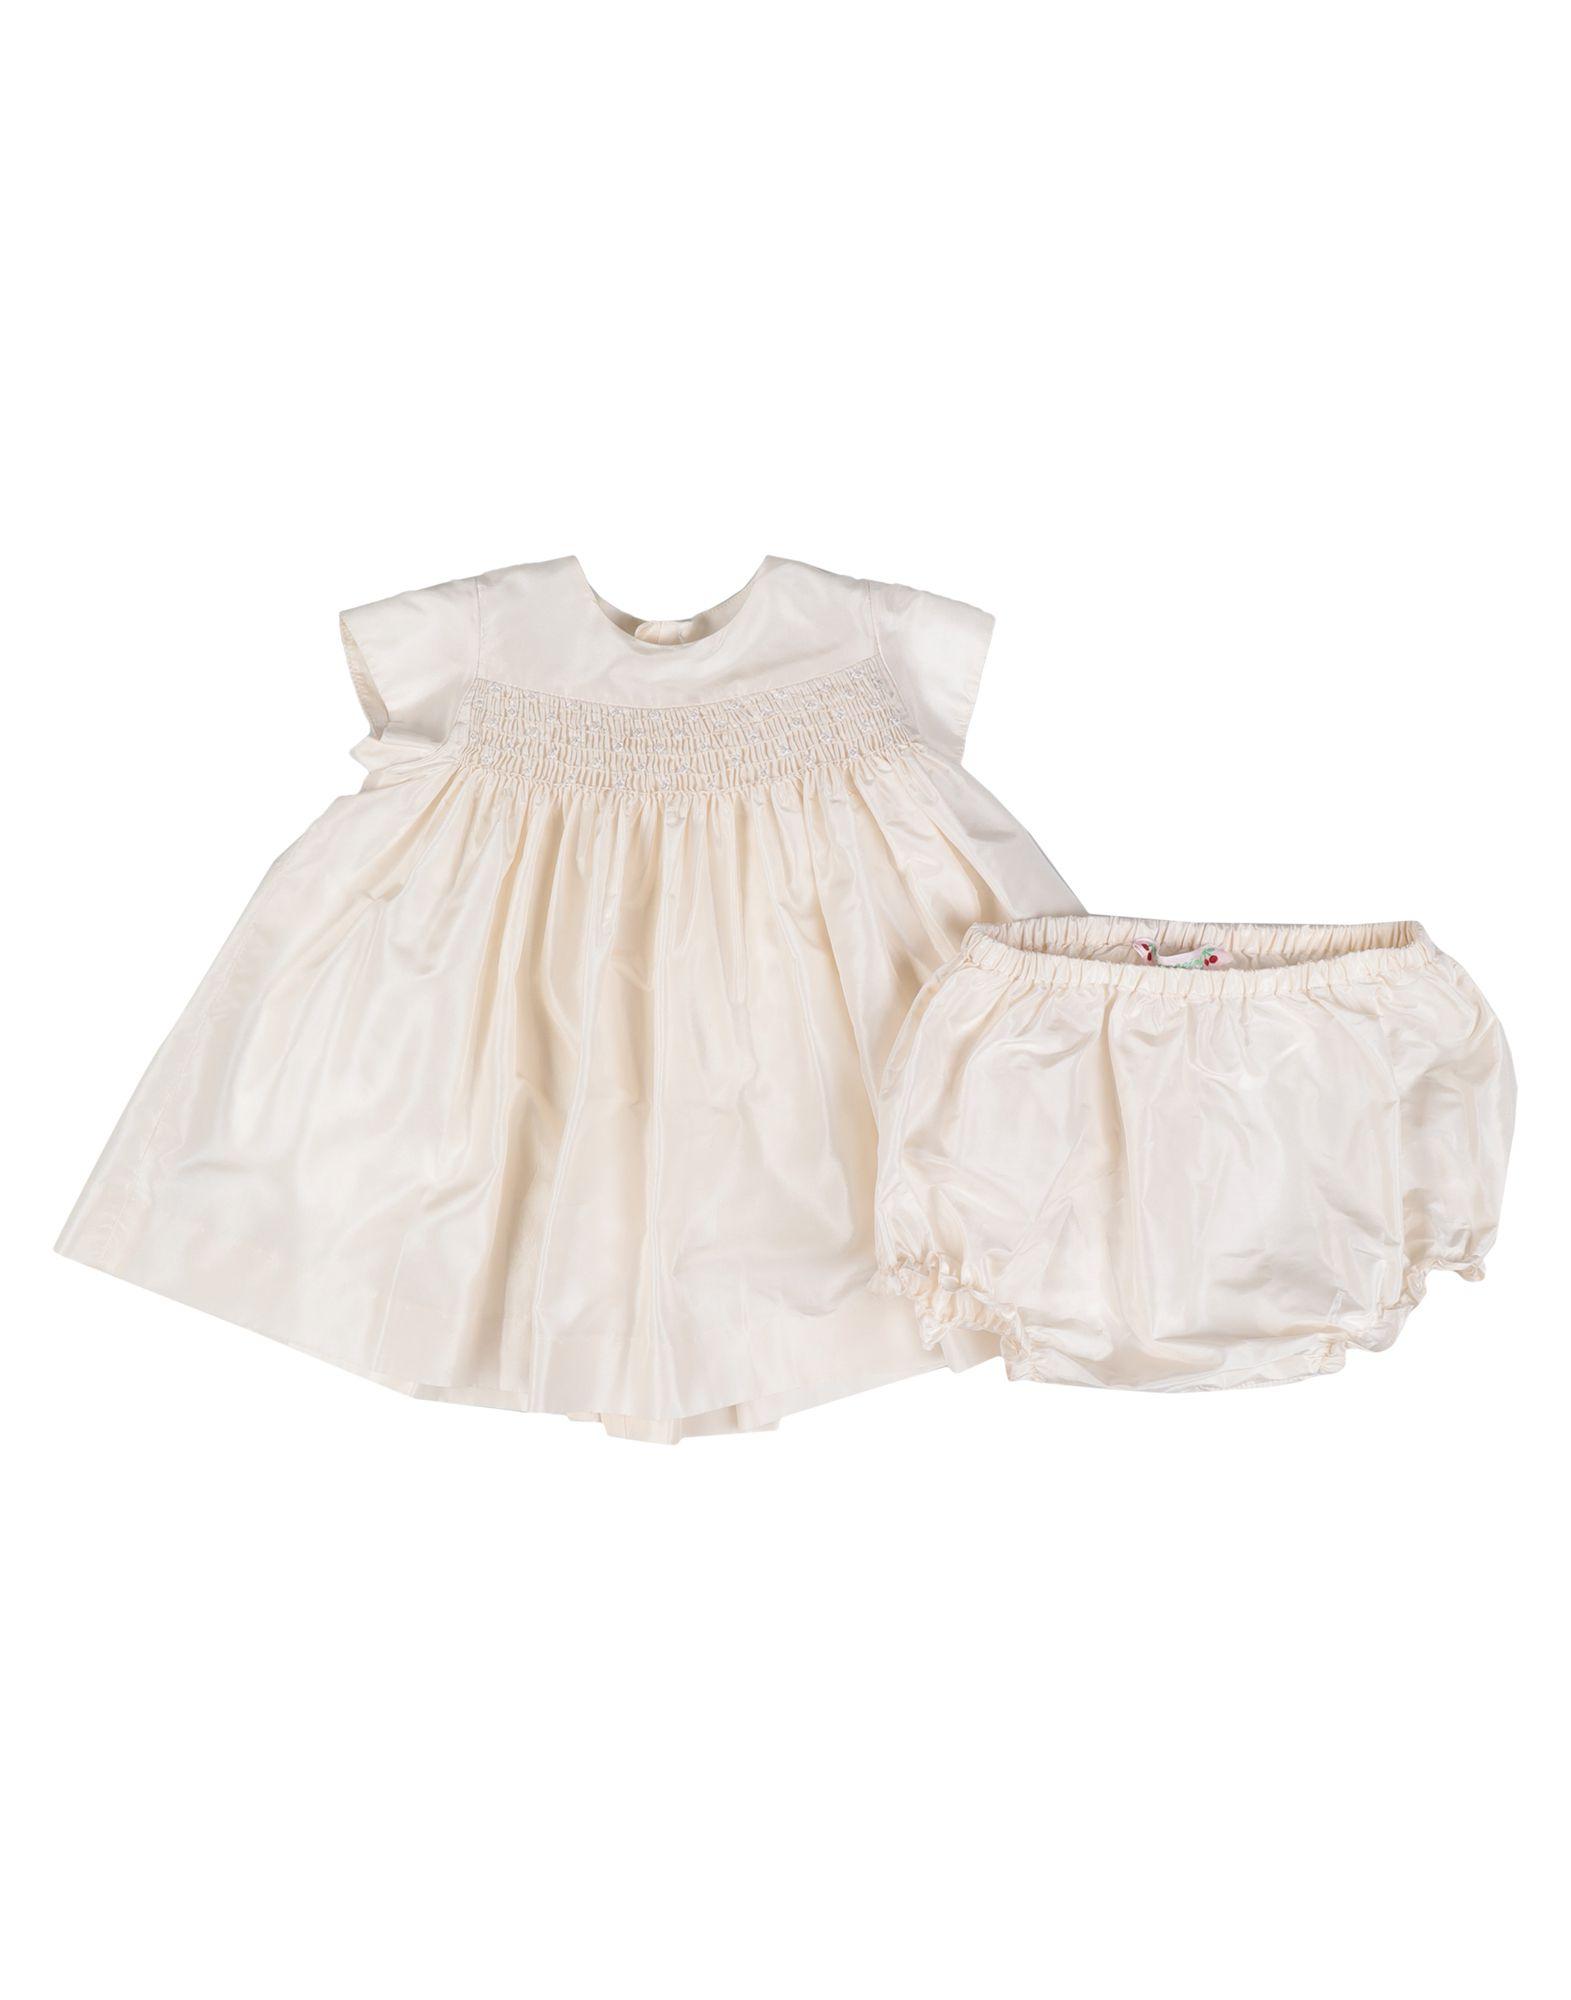 BONPOINT Платье bonpoint лонгслив розовый с принтом вишнями